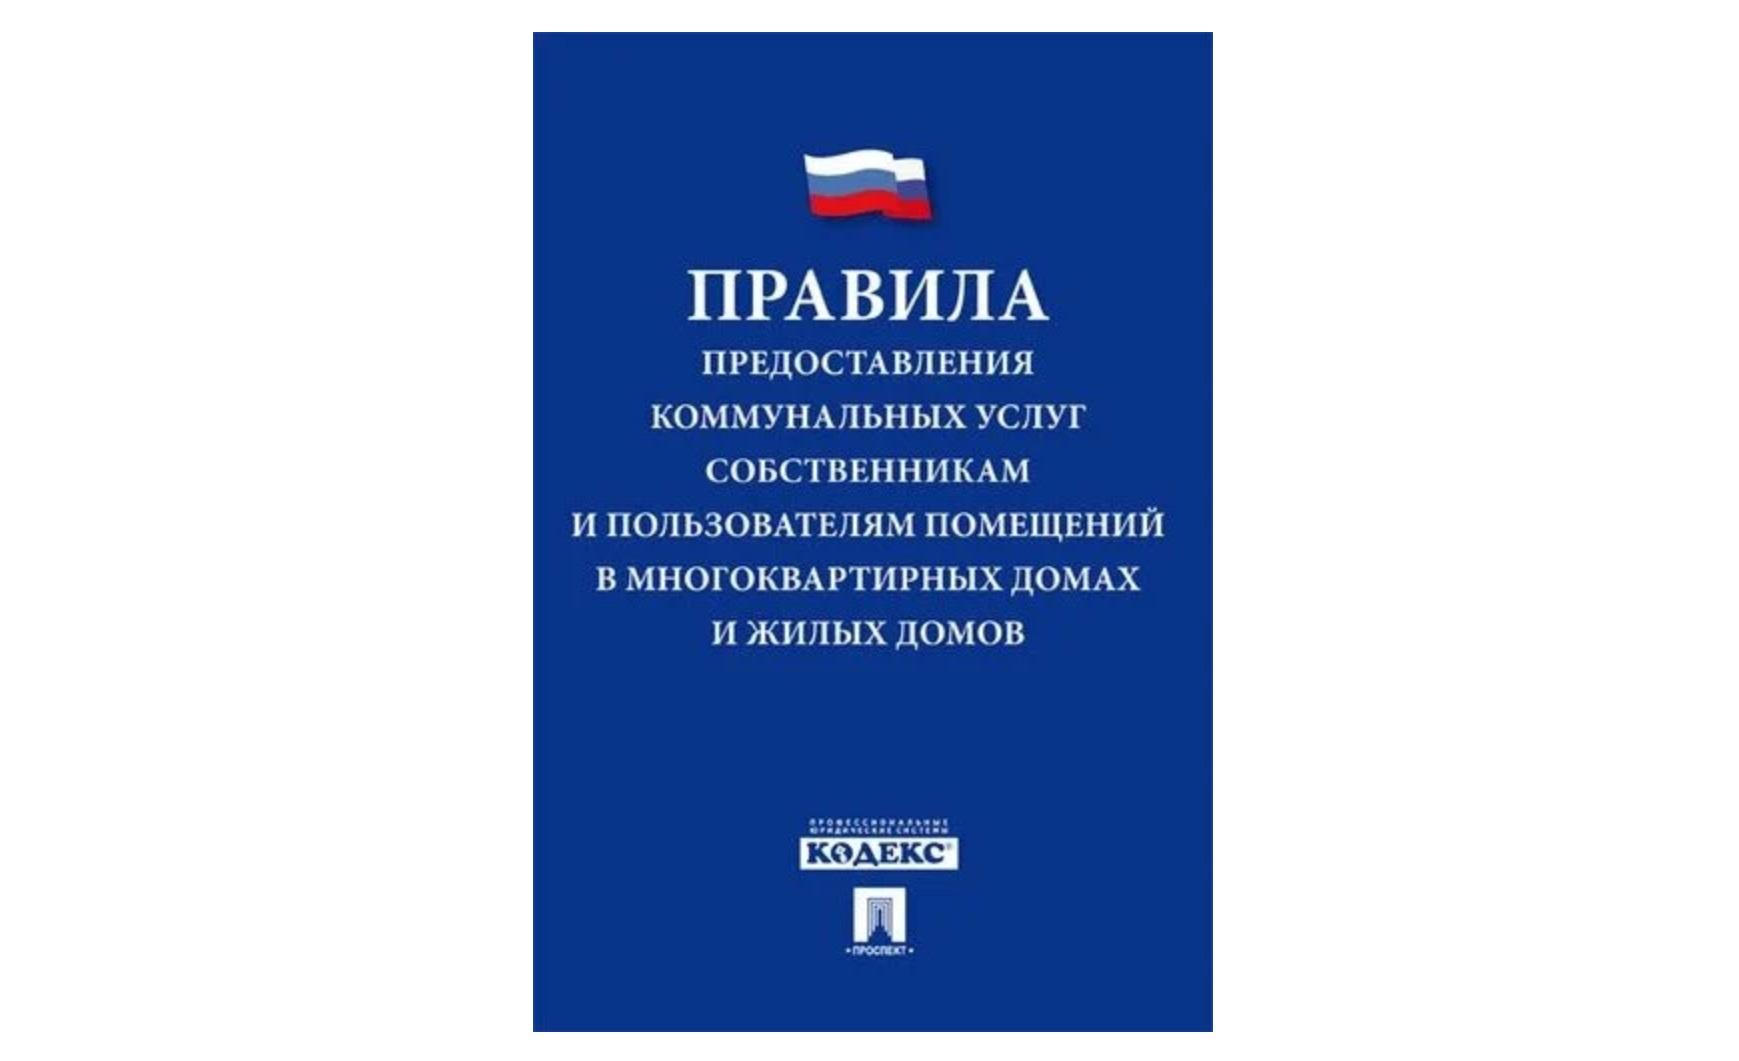 Постановление правительства РФ 354